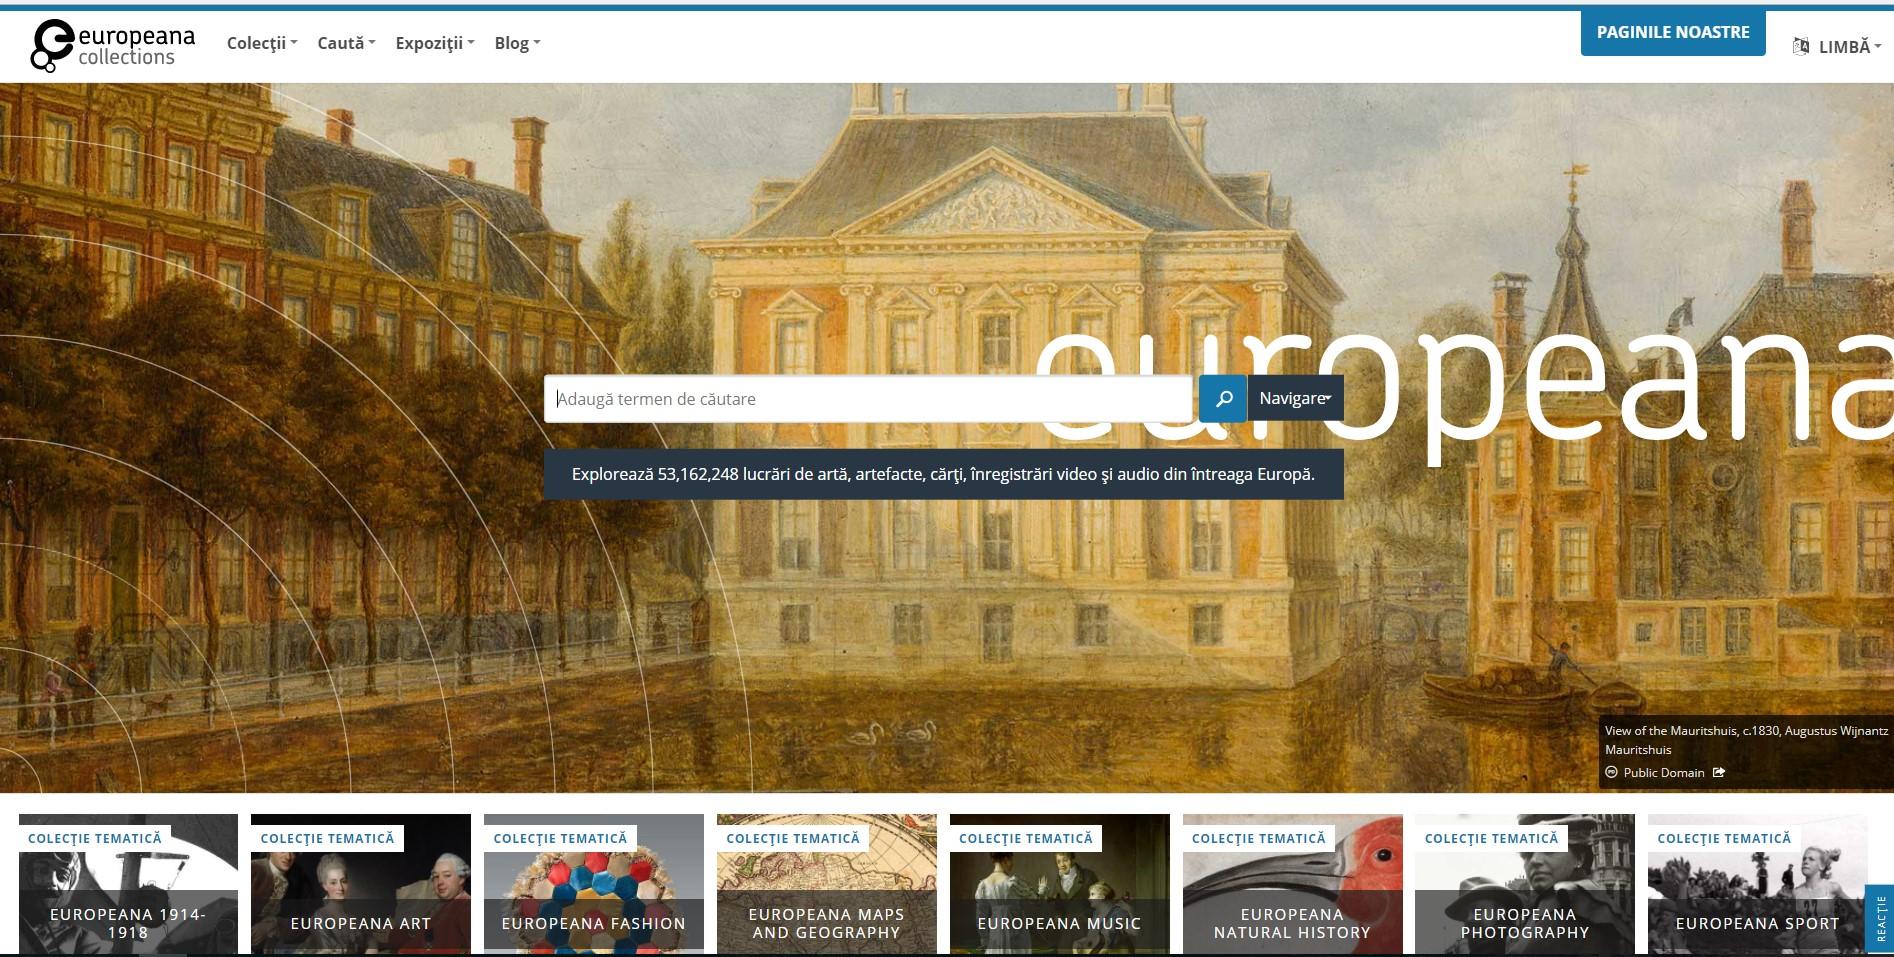 Platforma Europeana, dedicată conservării patrimoniului cultural